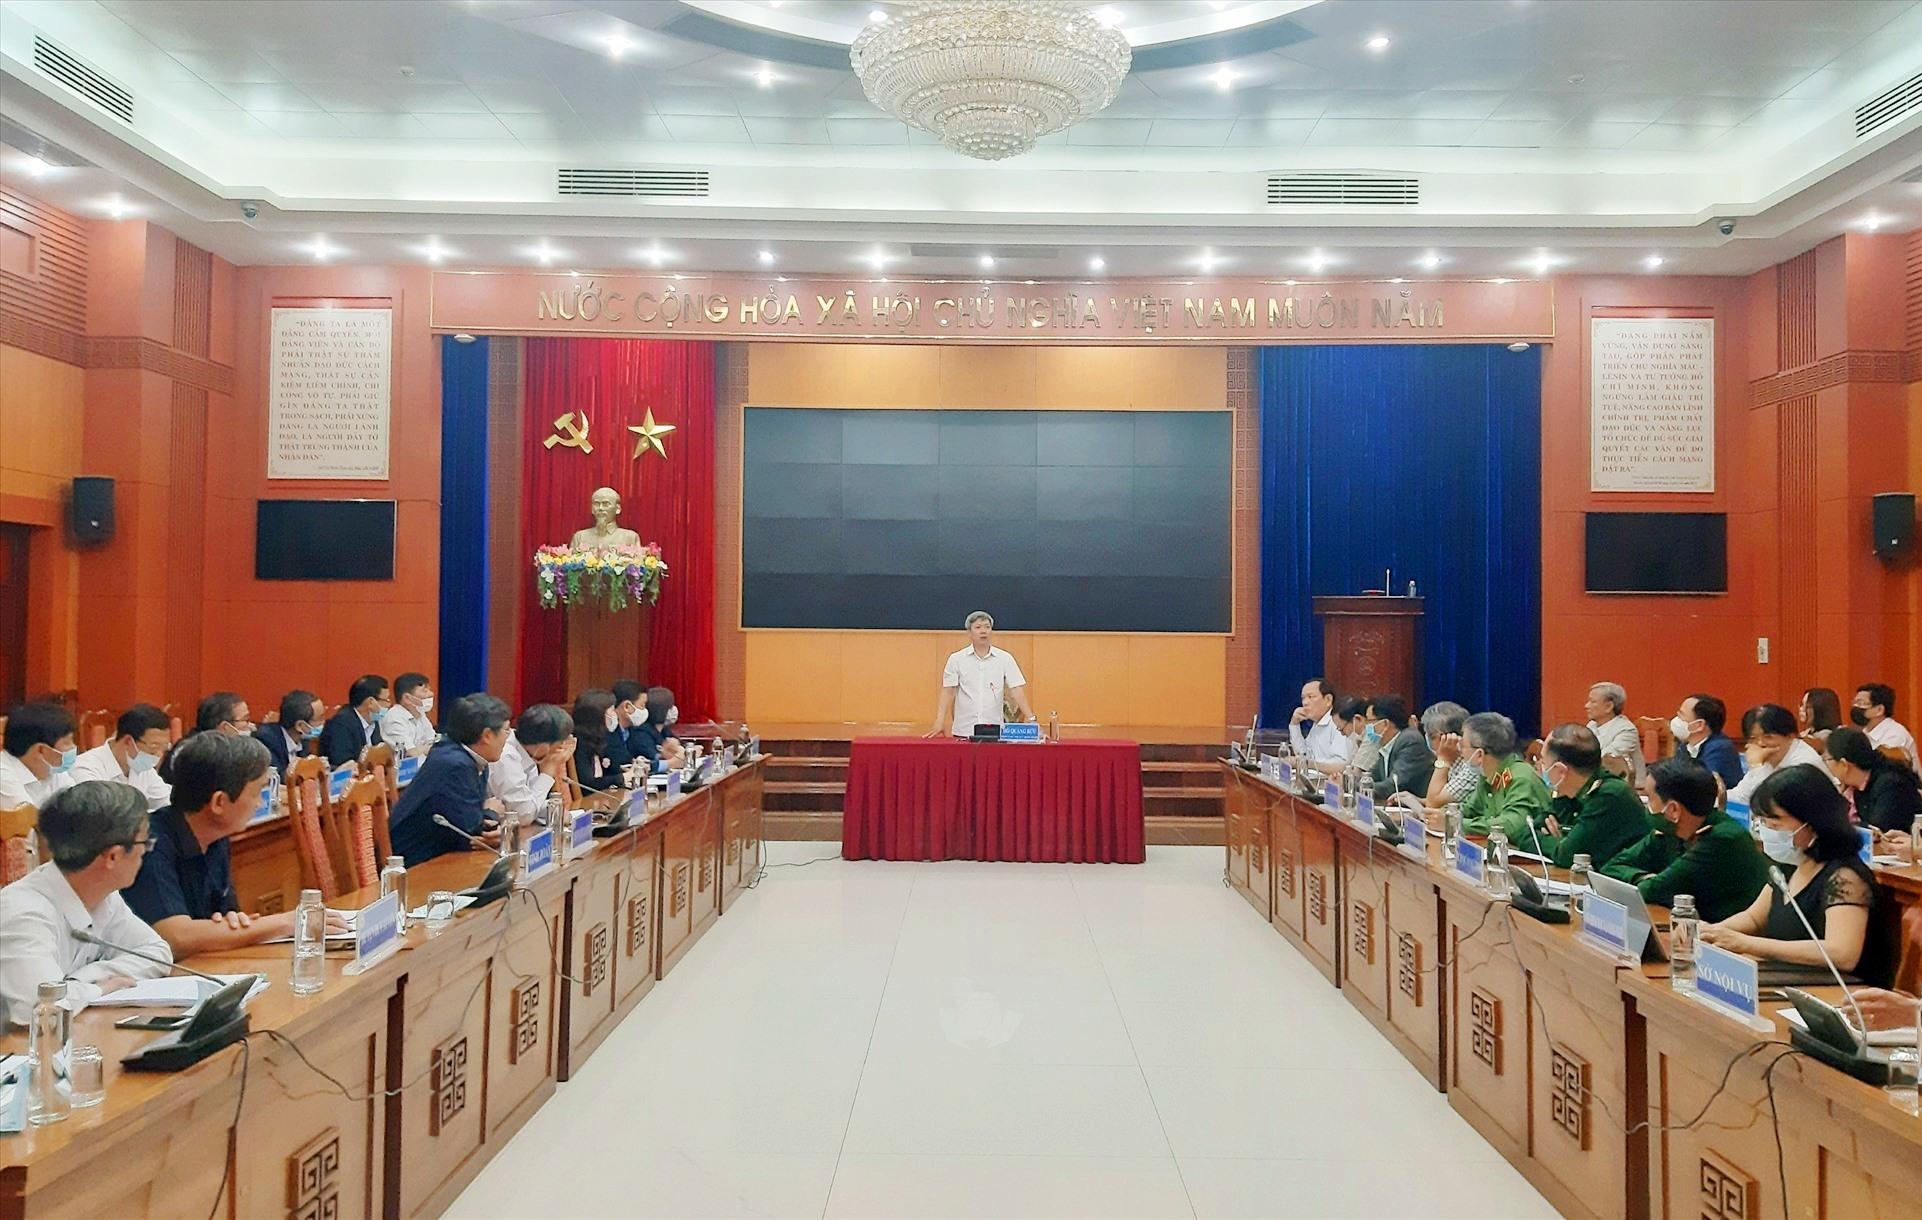 Phó Chủ tịch UBND tỉnh Hồ Quang Bửu cùng lãnh đạo các ngành, đơn vị liên quan làm việc với huyện Duy Xuyên vào sáng nay 25.2. Ảnh: VĂN SỰ